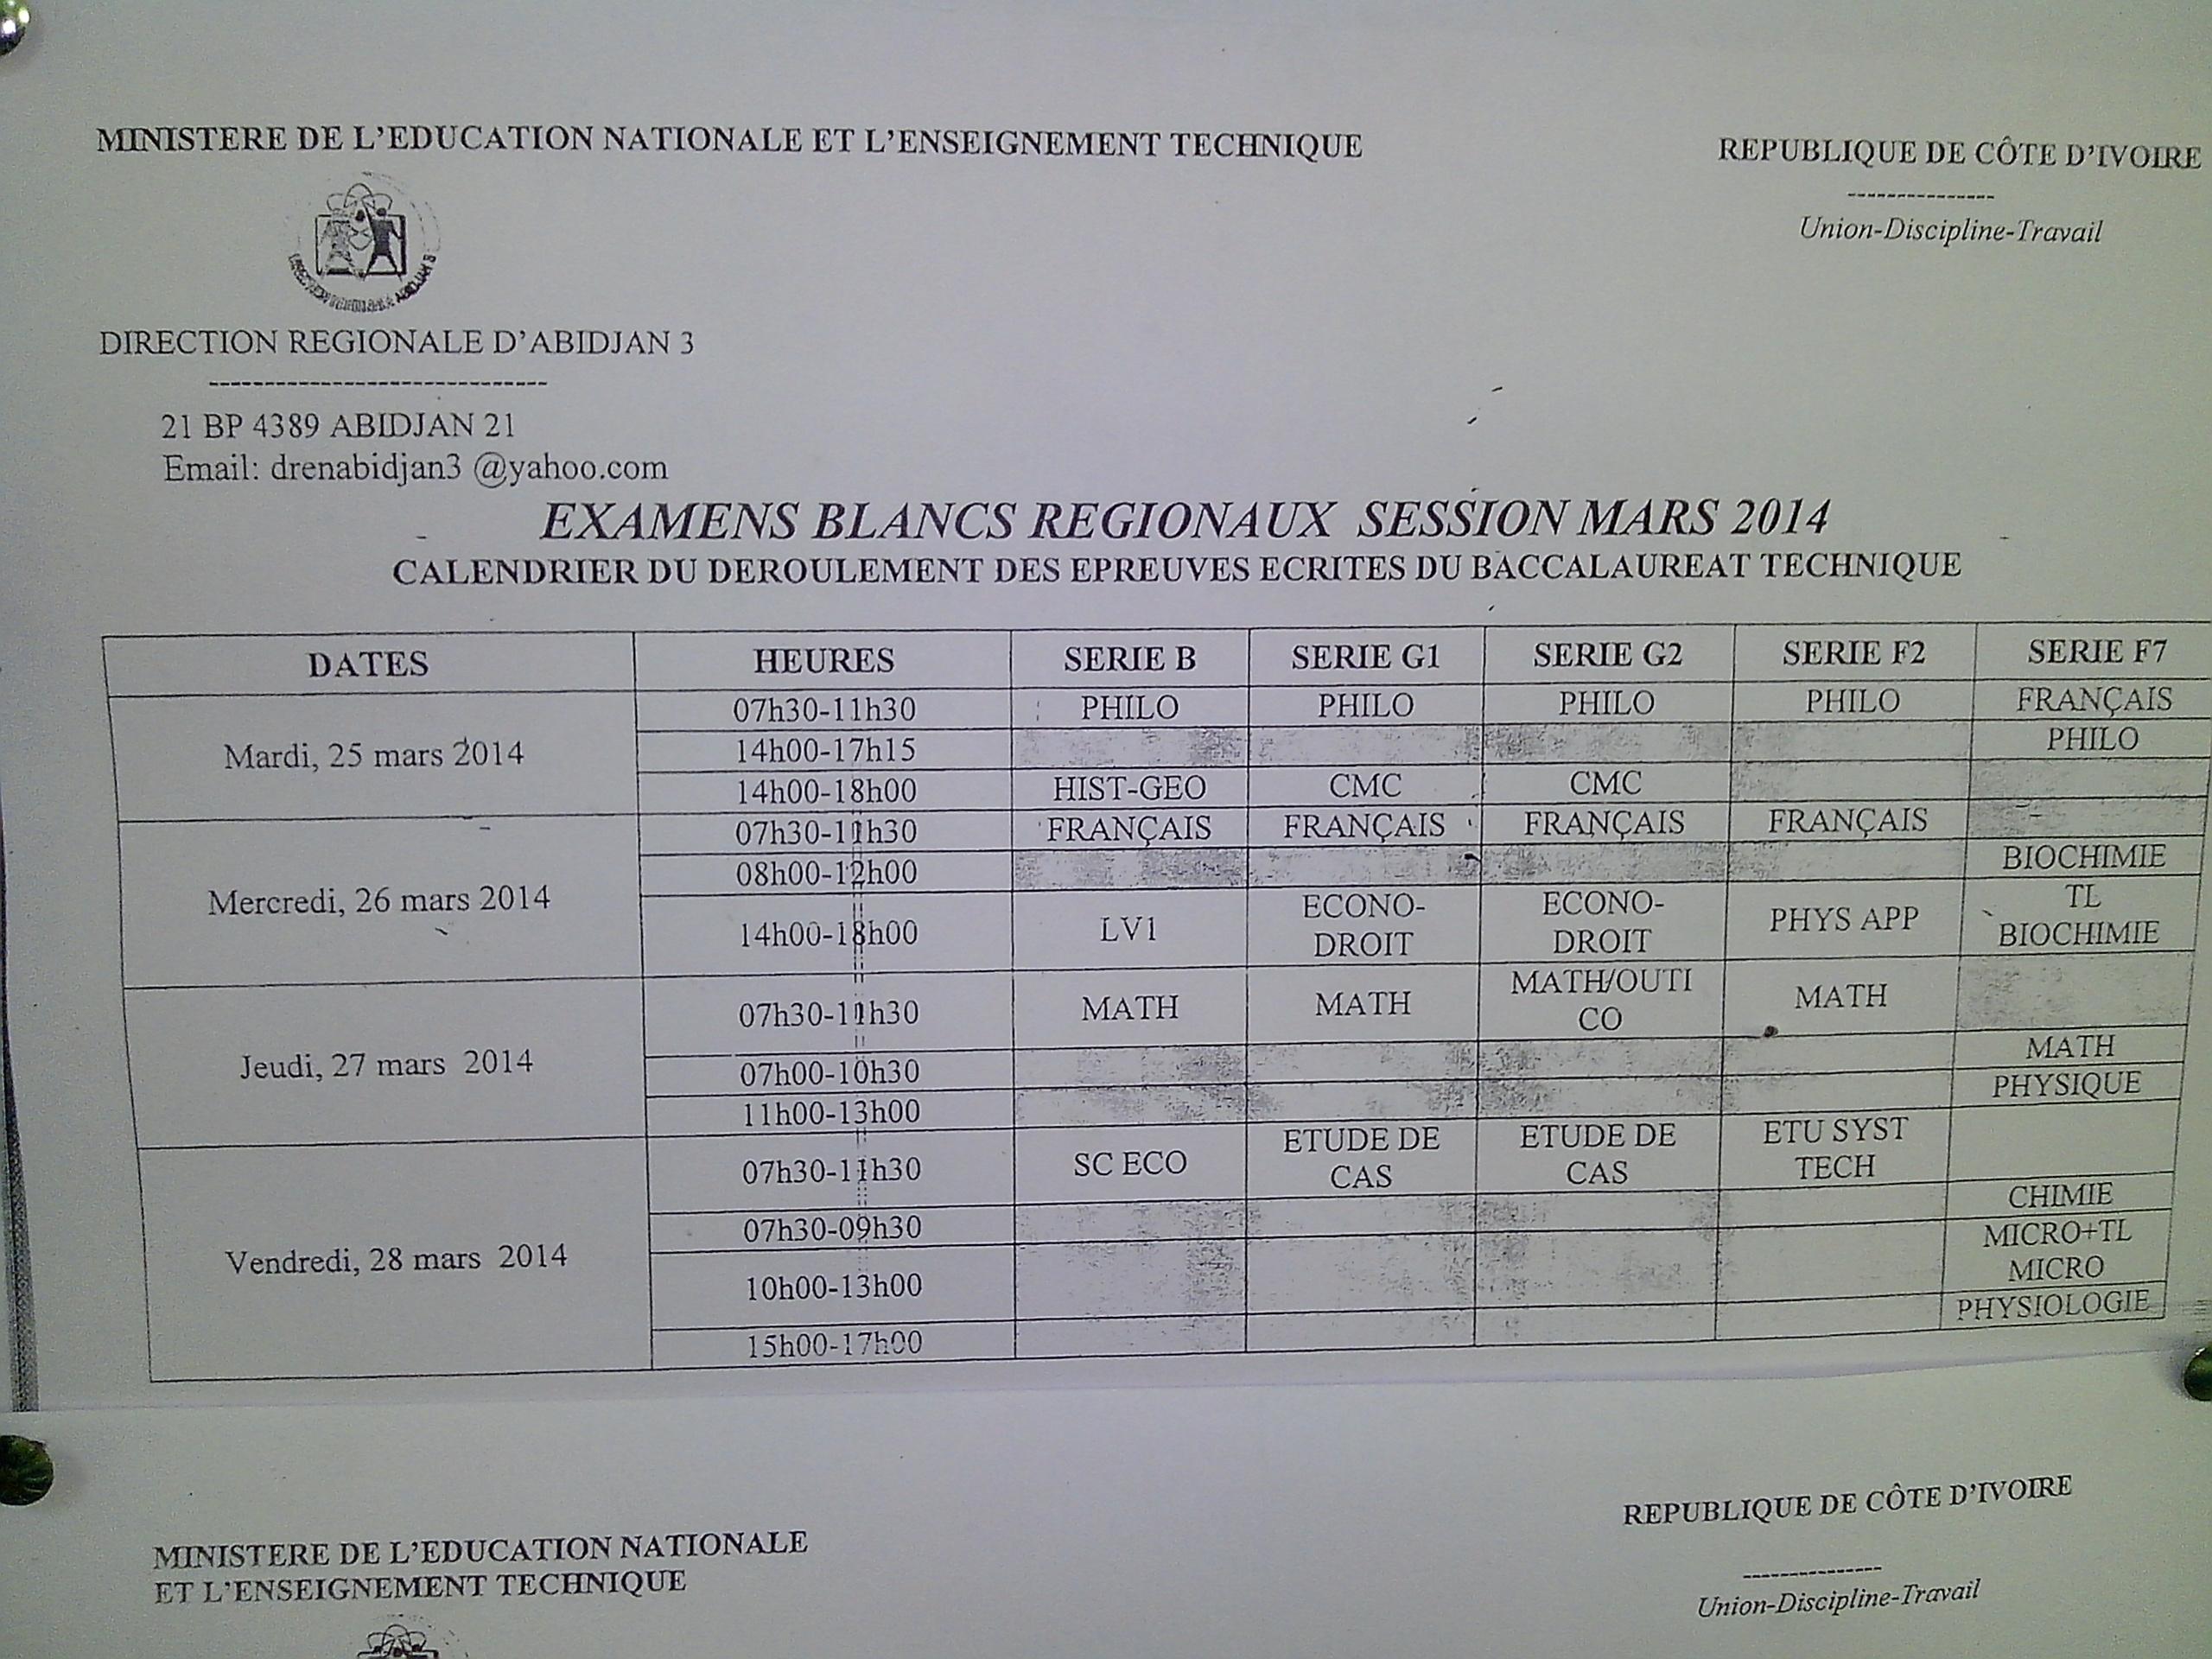 Calendrier des Examens